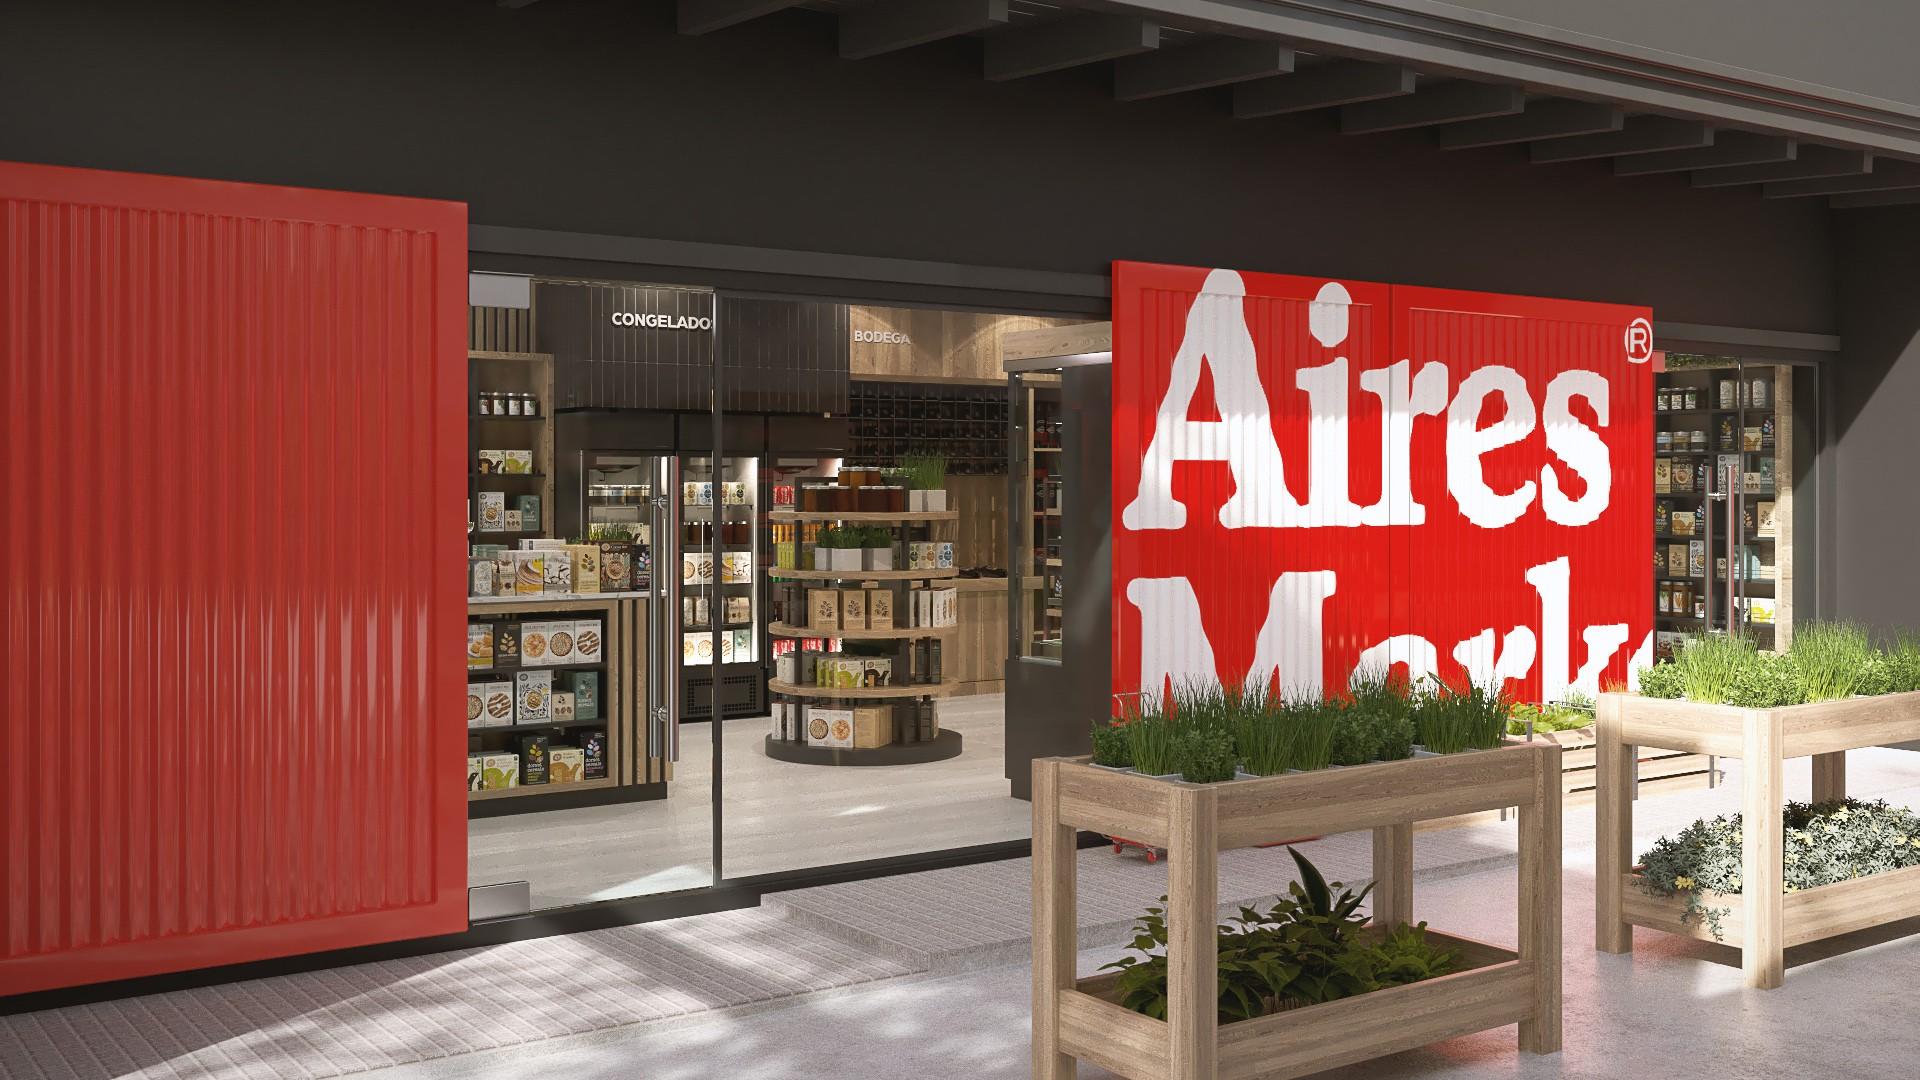 Aires Market